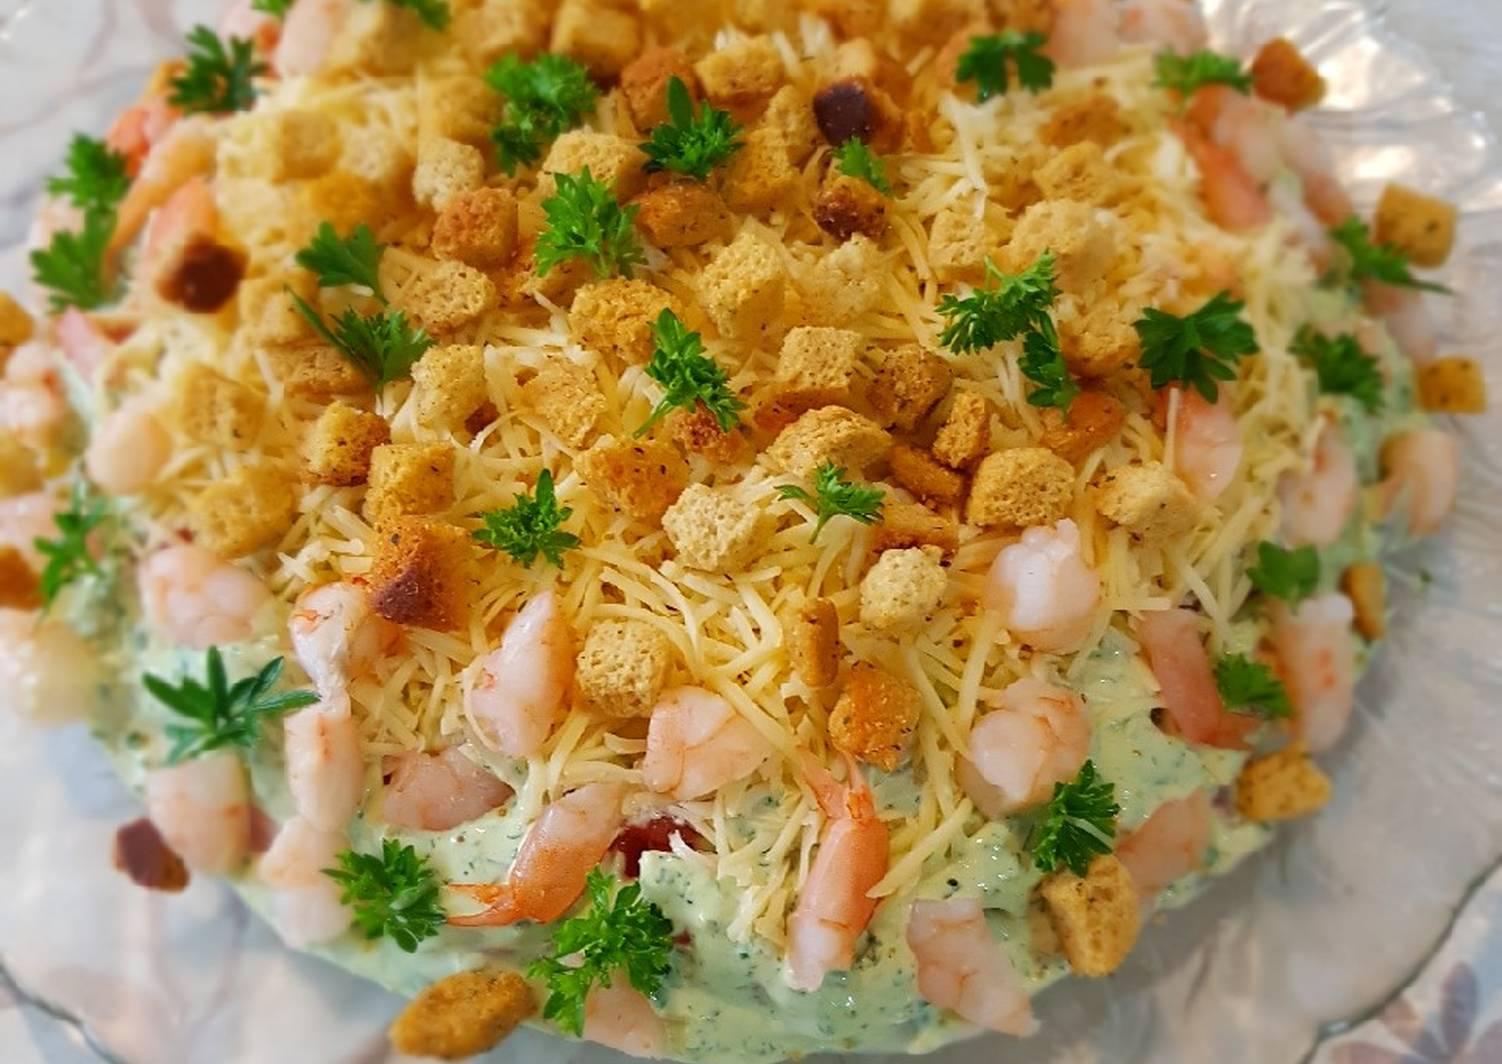 услуги салат сантана рецепт с фото какой